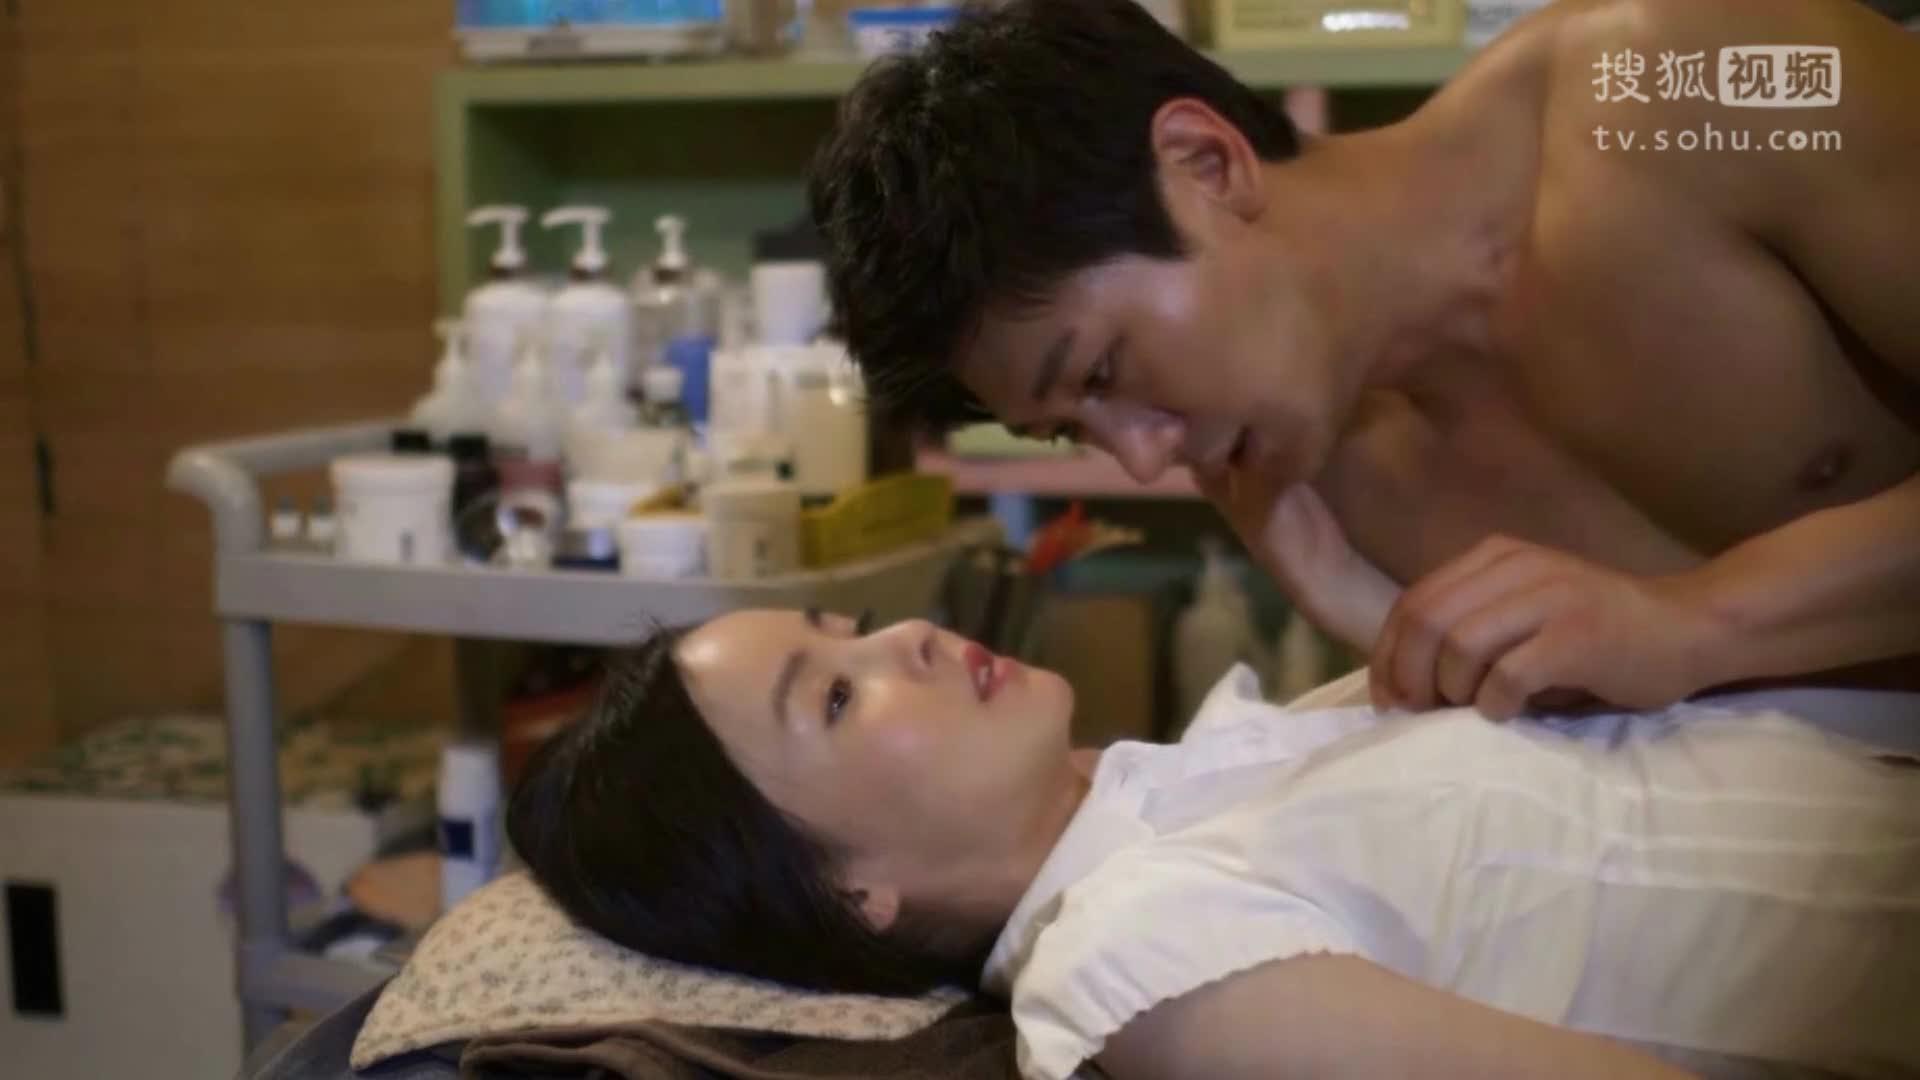 韩国19禁电影正片《食物链》激情吻戏床戏